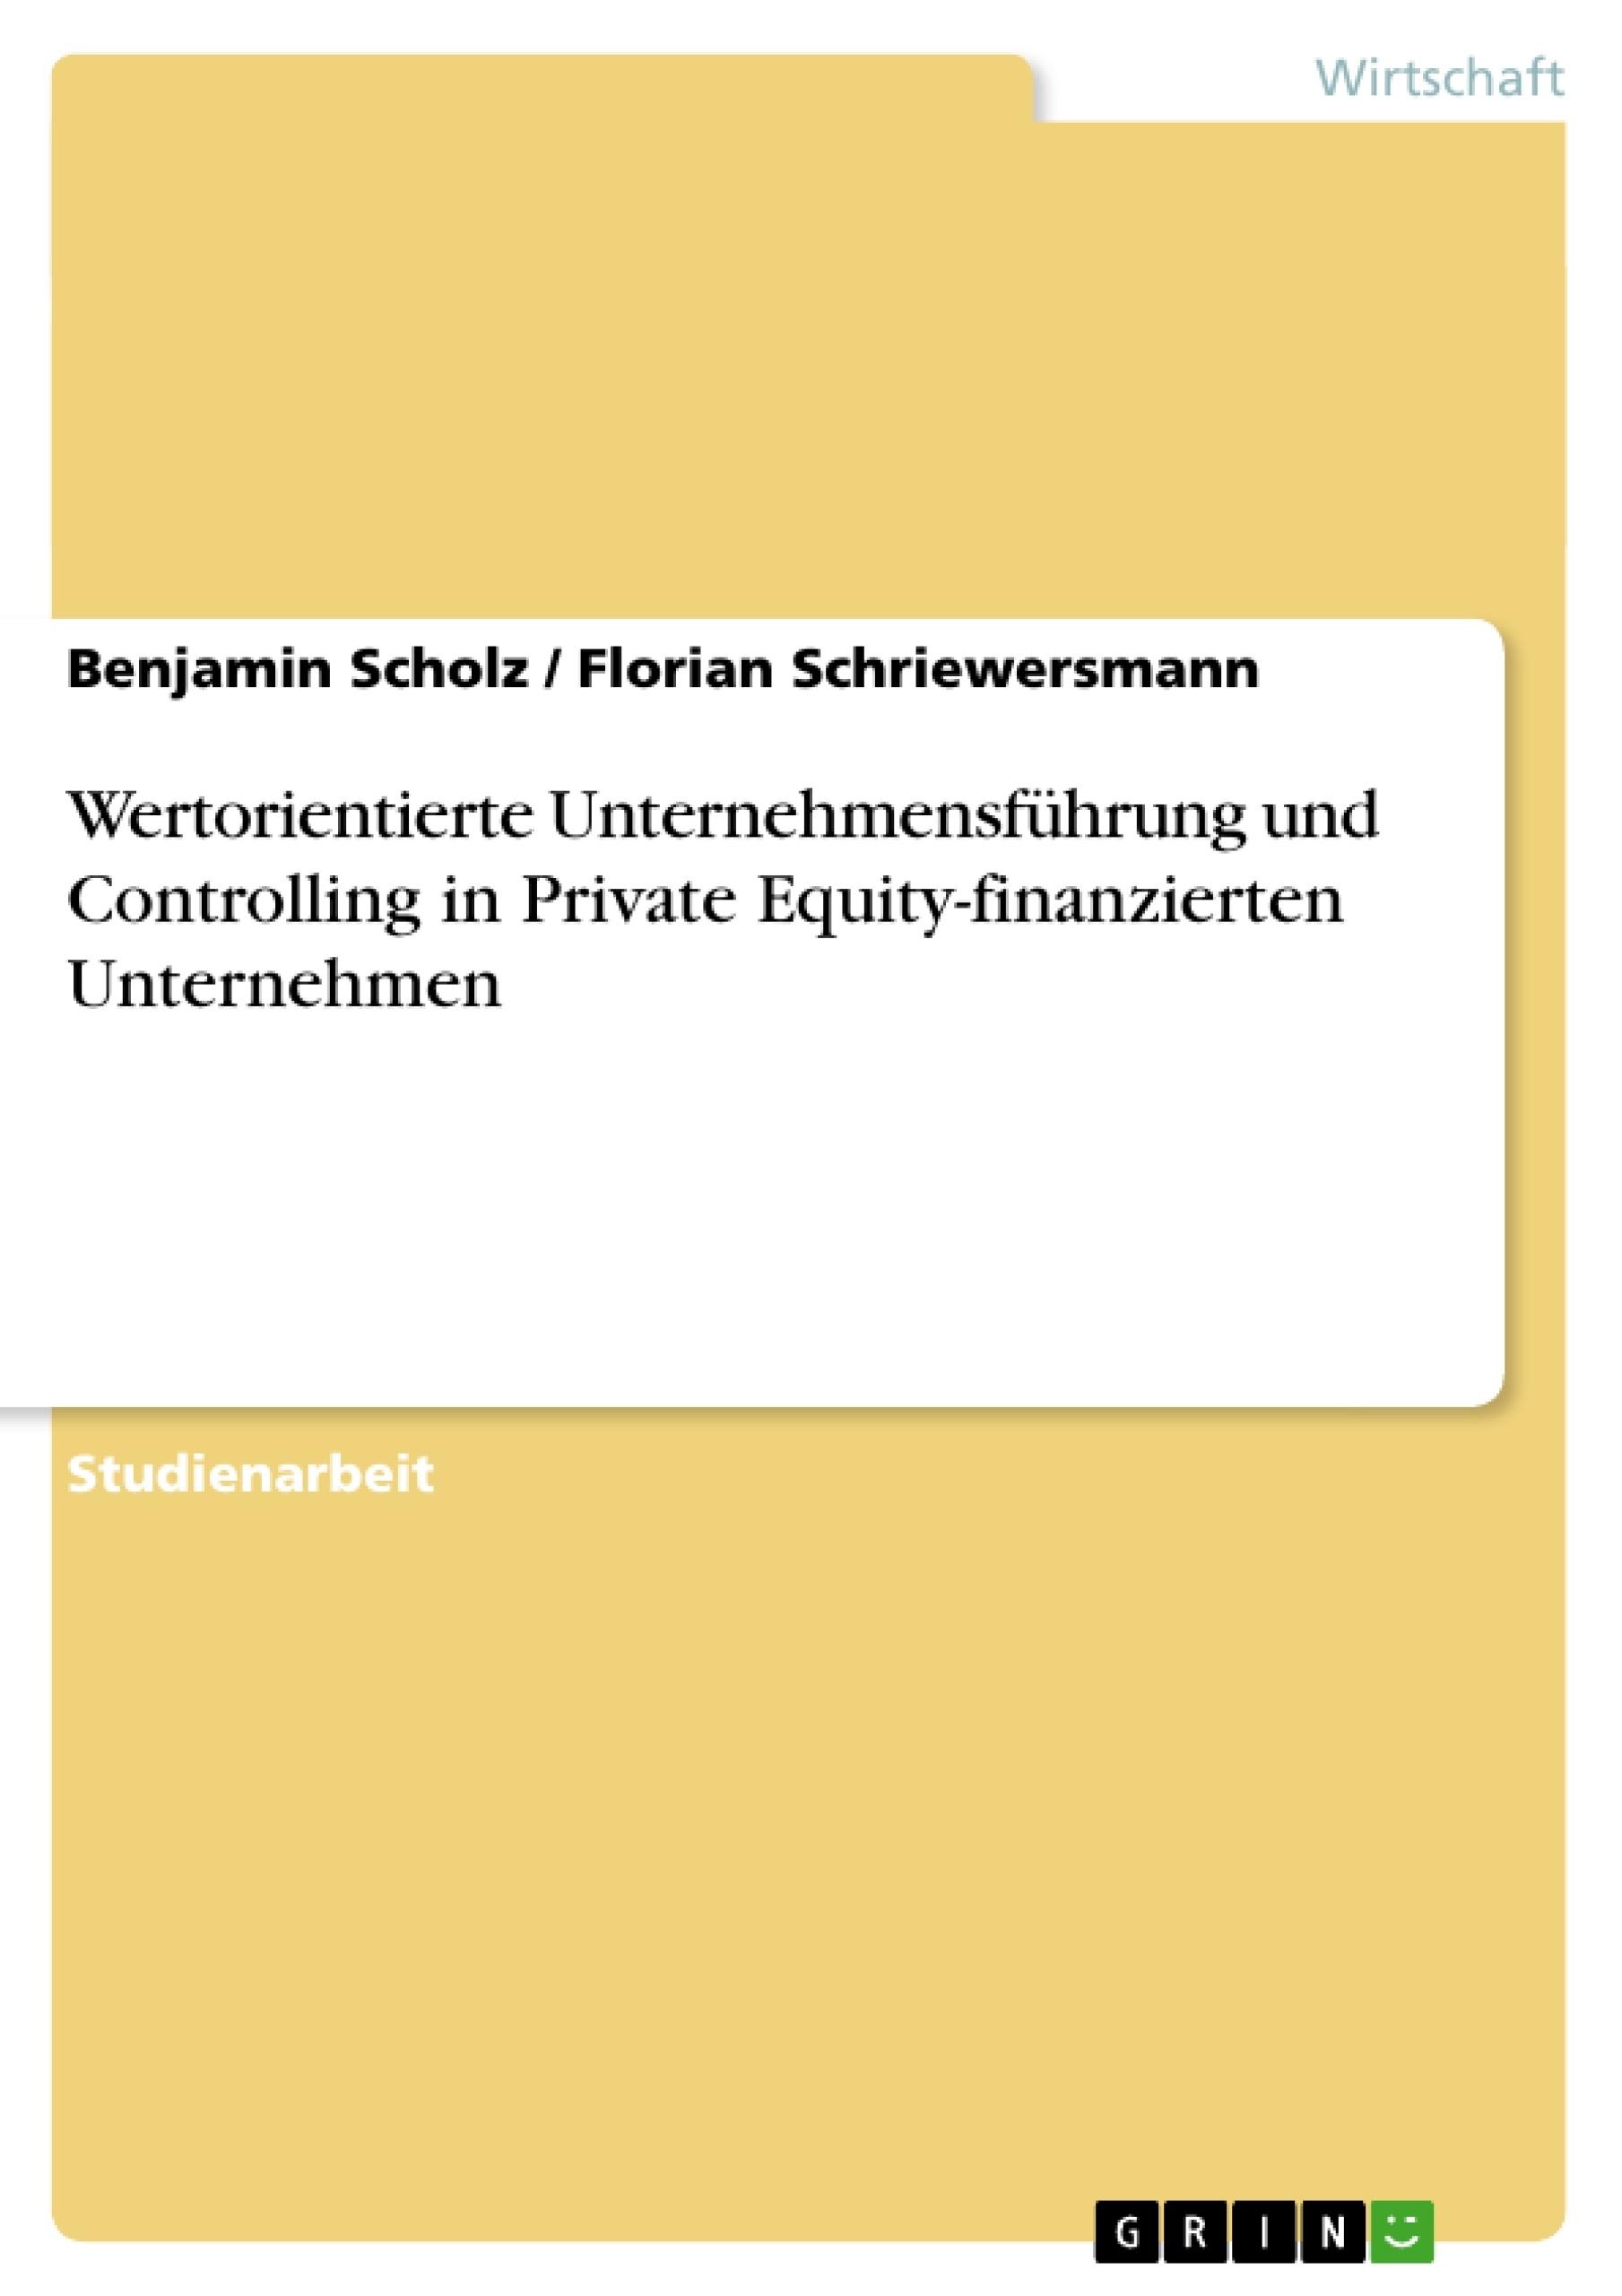 Titel: Wertorientierte Unternehmensführung und Controlling in  Private Equity-finanzierten Unternehmen